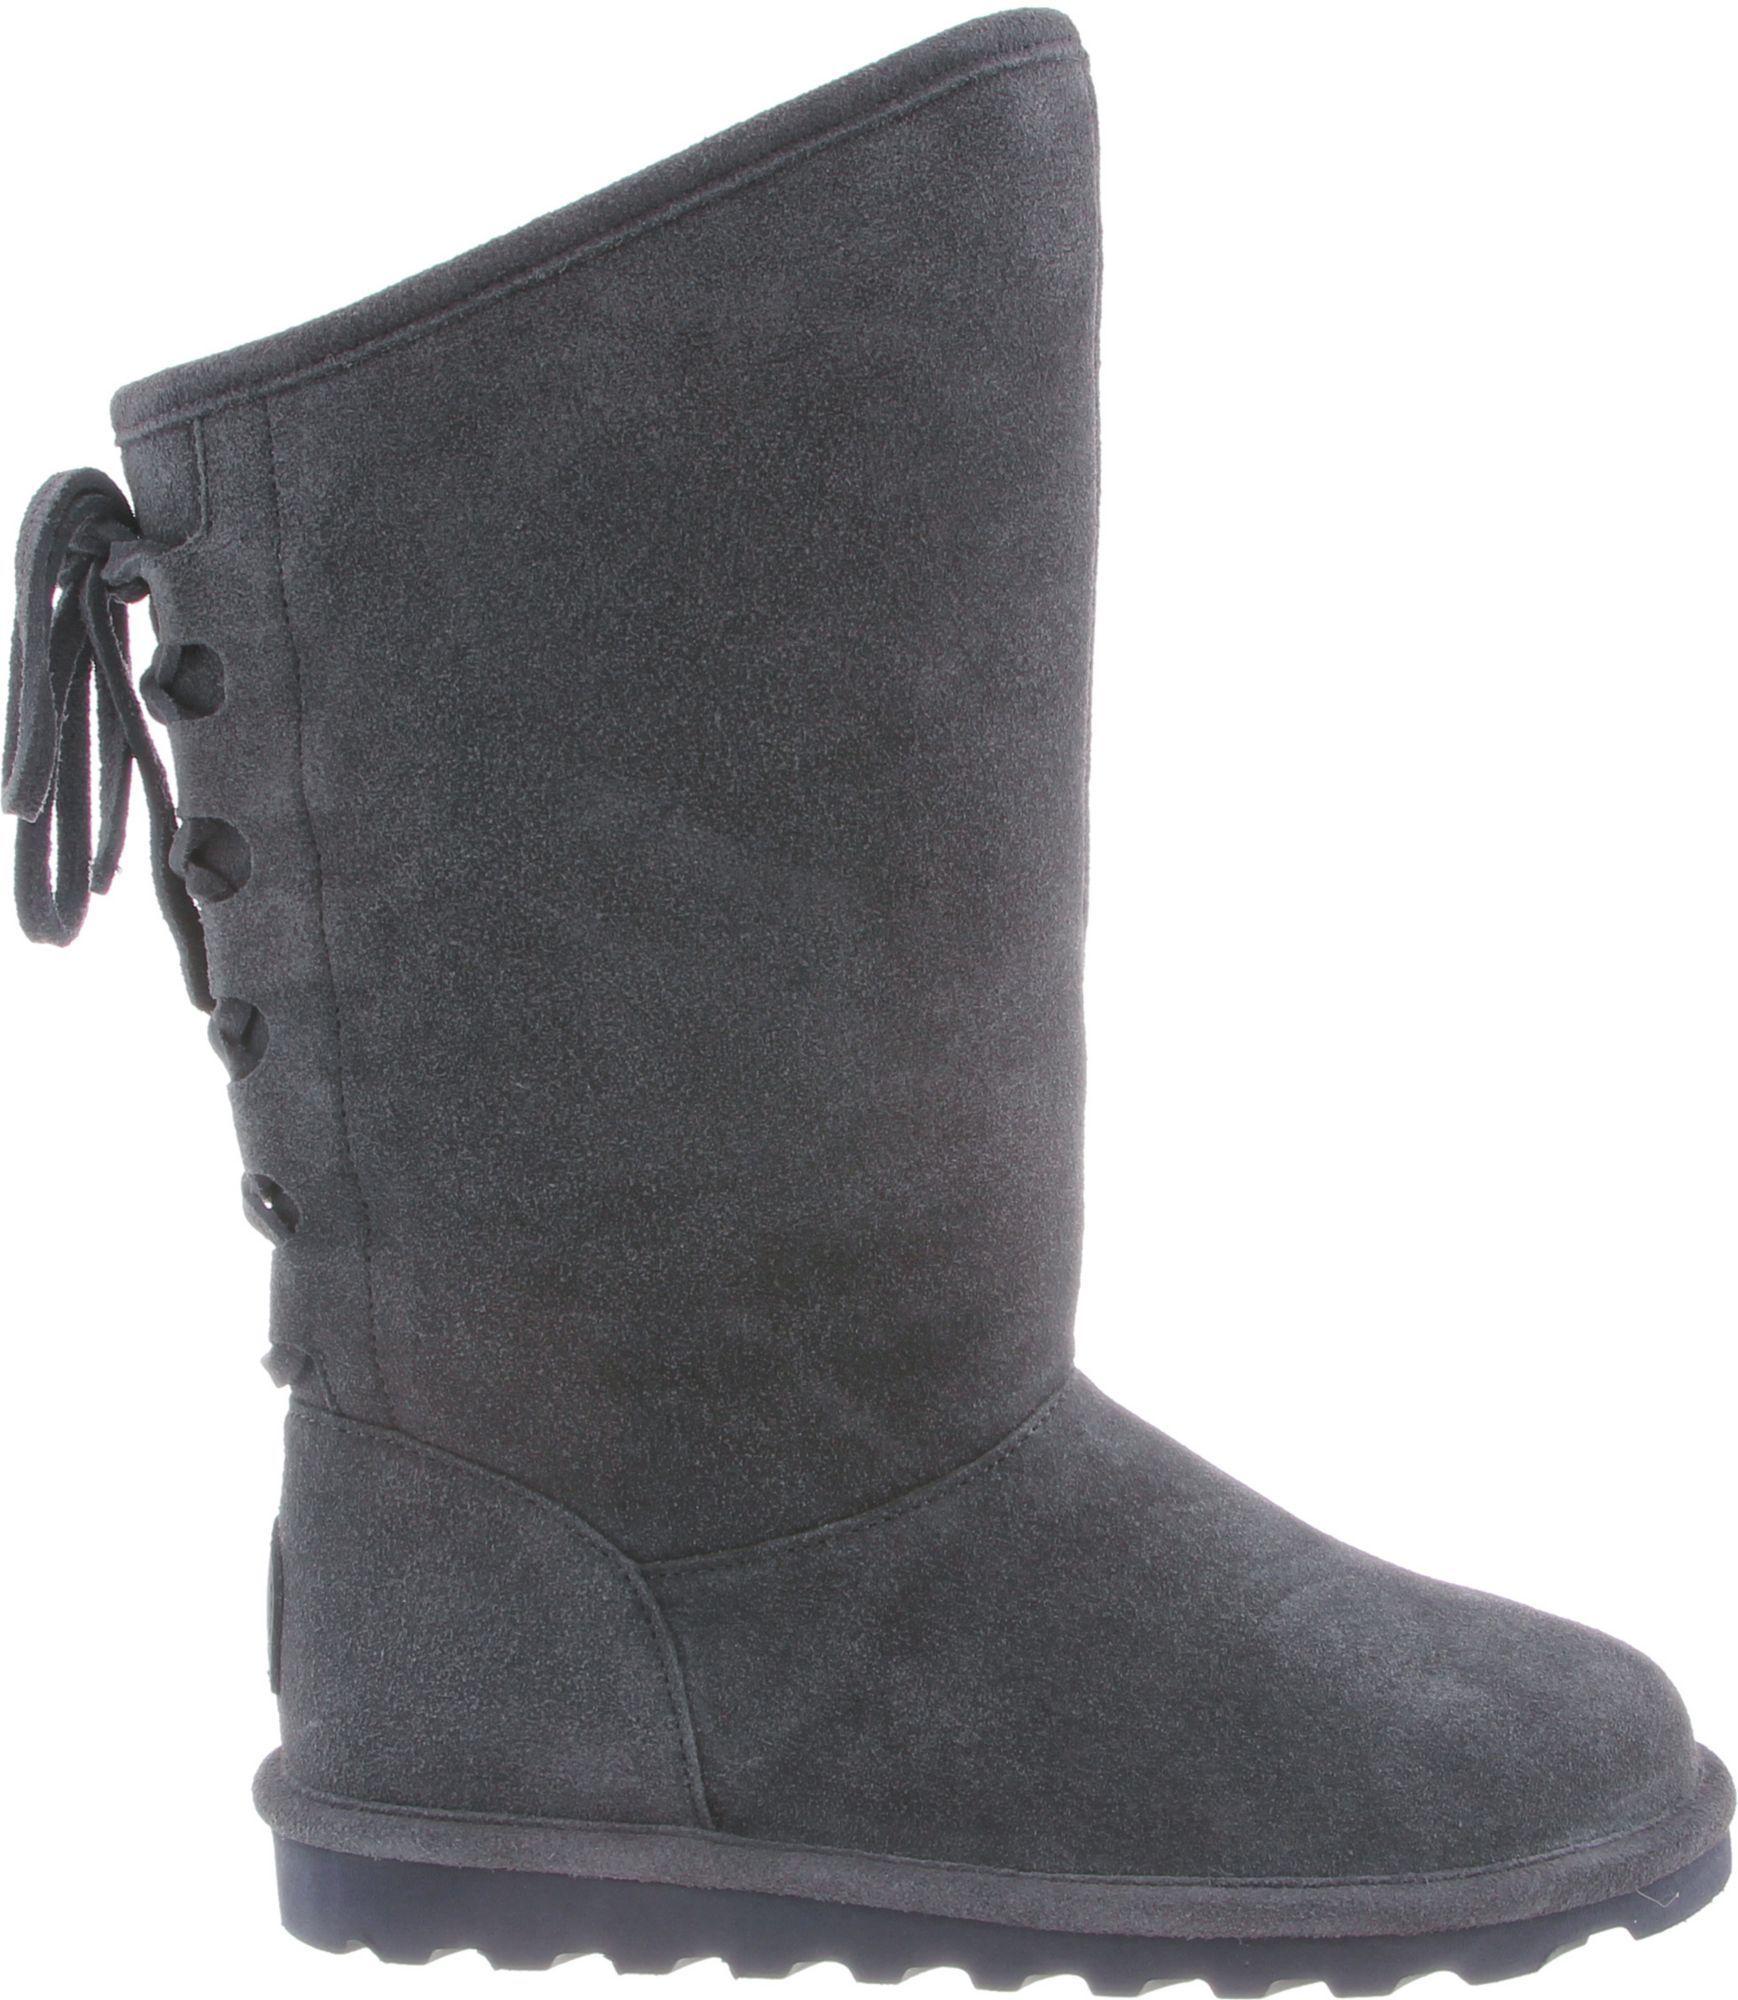 Bearpaw Women's Phylly II Winter Boots